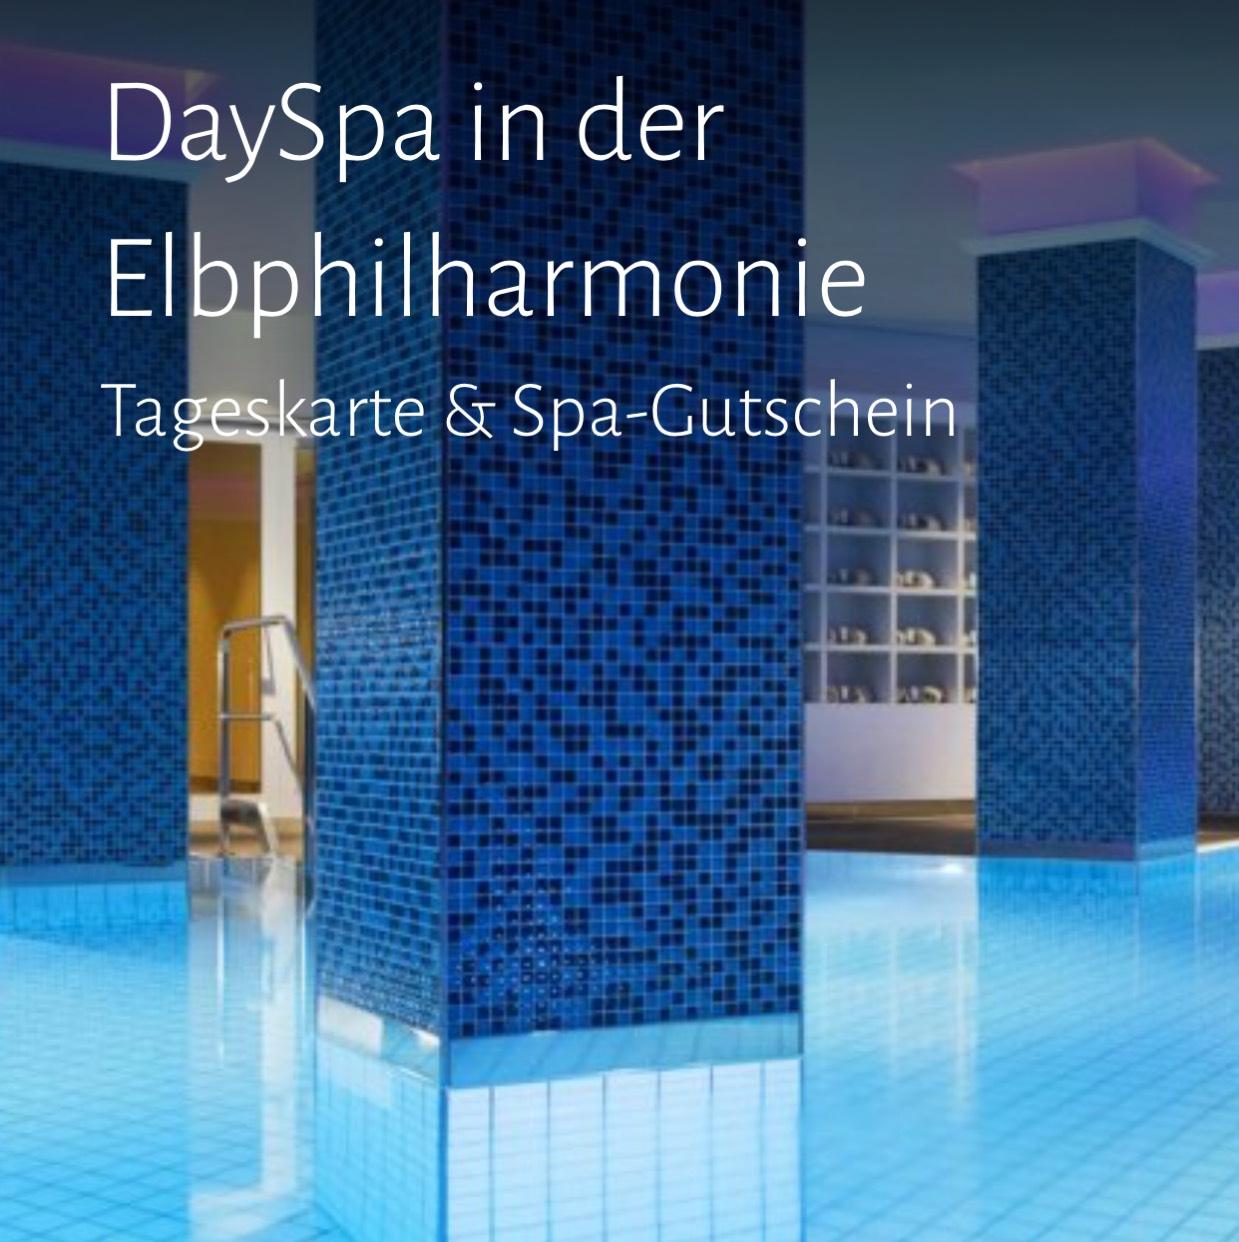 DaySpa in der Elbphilharmonie Tageskarte & Spa-Gutschein für 2 Personen  für 29€ statt 99€